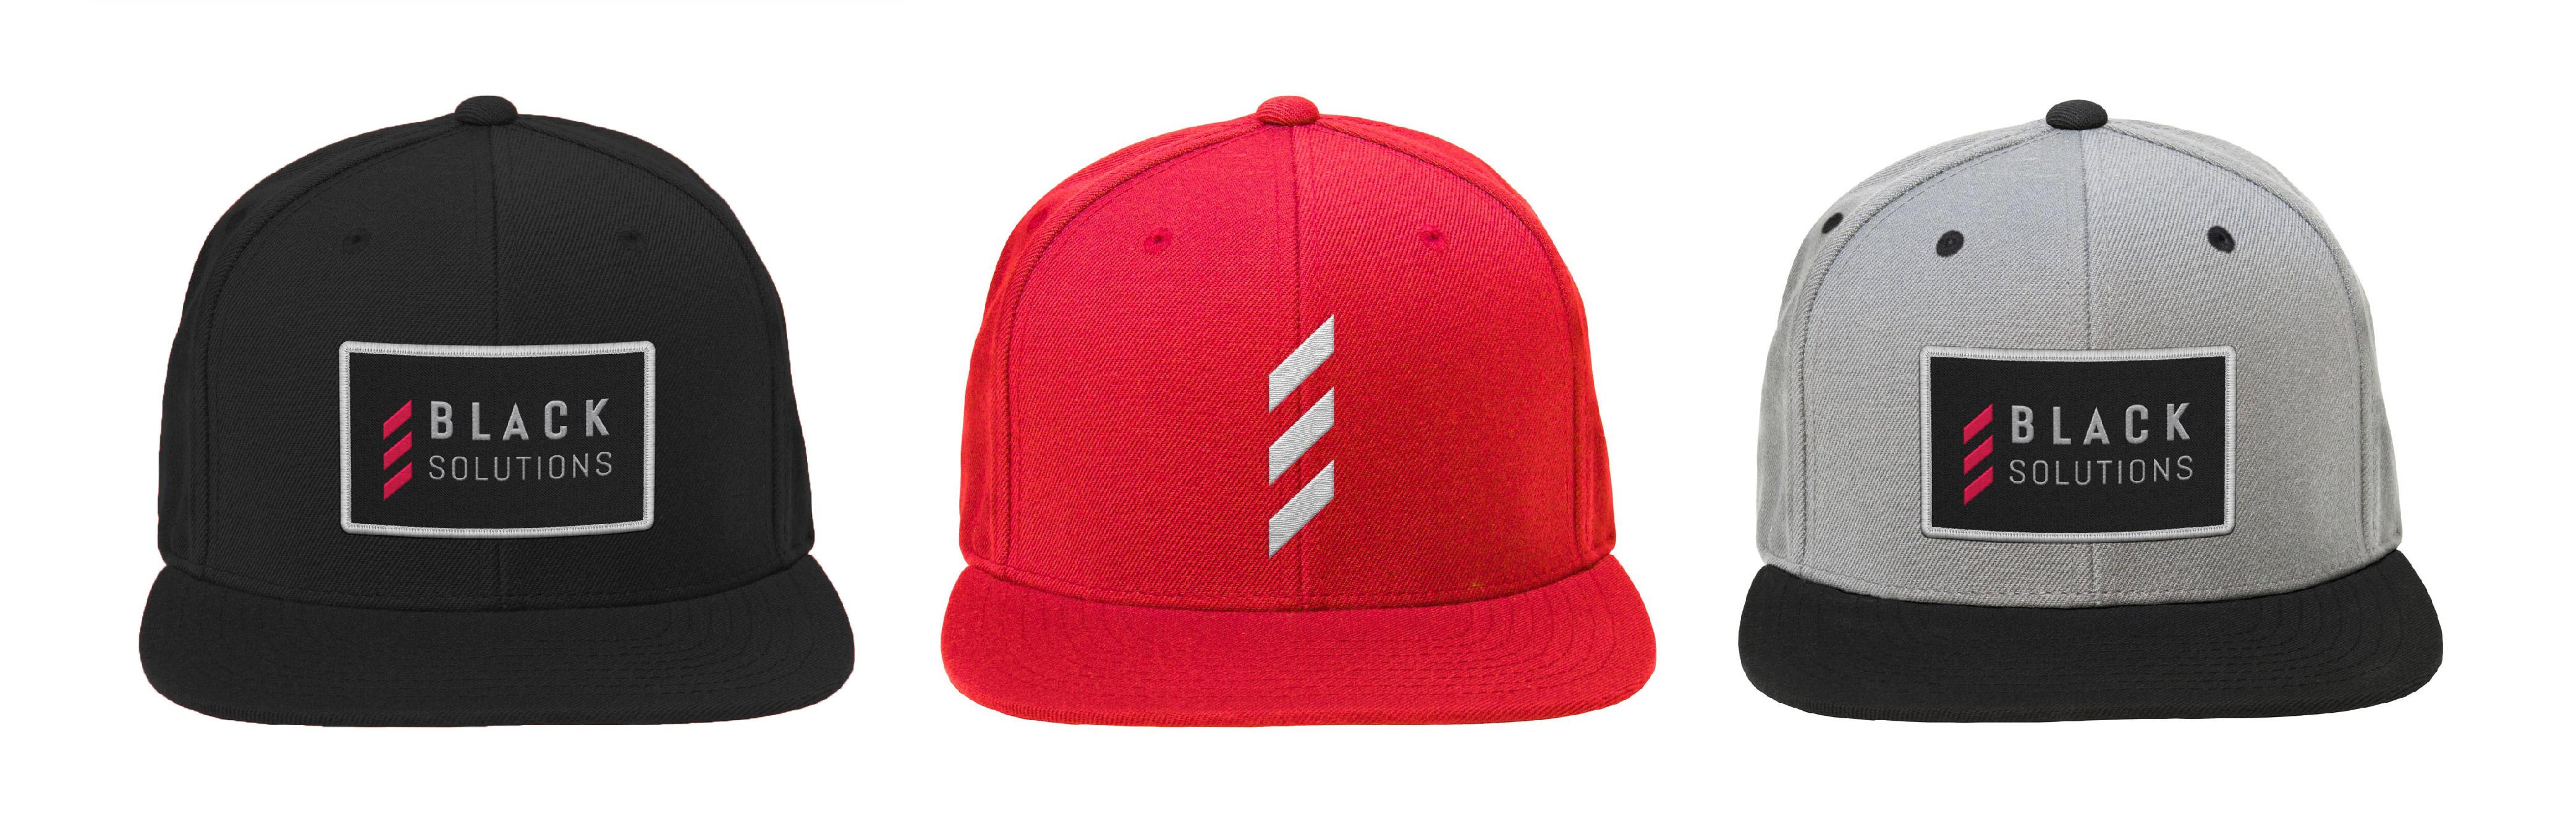 barber brand hat design